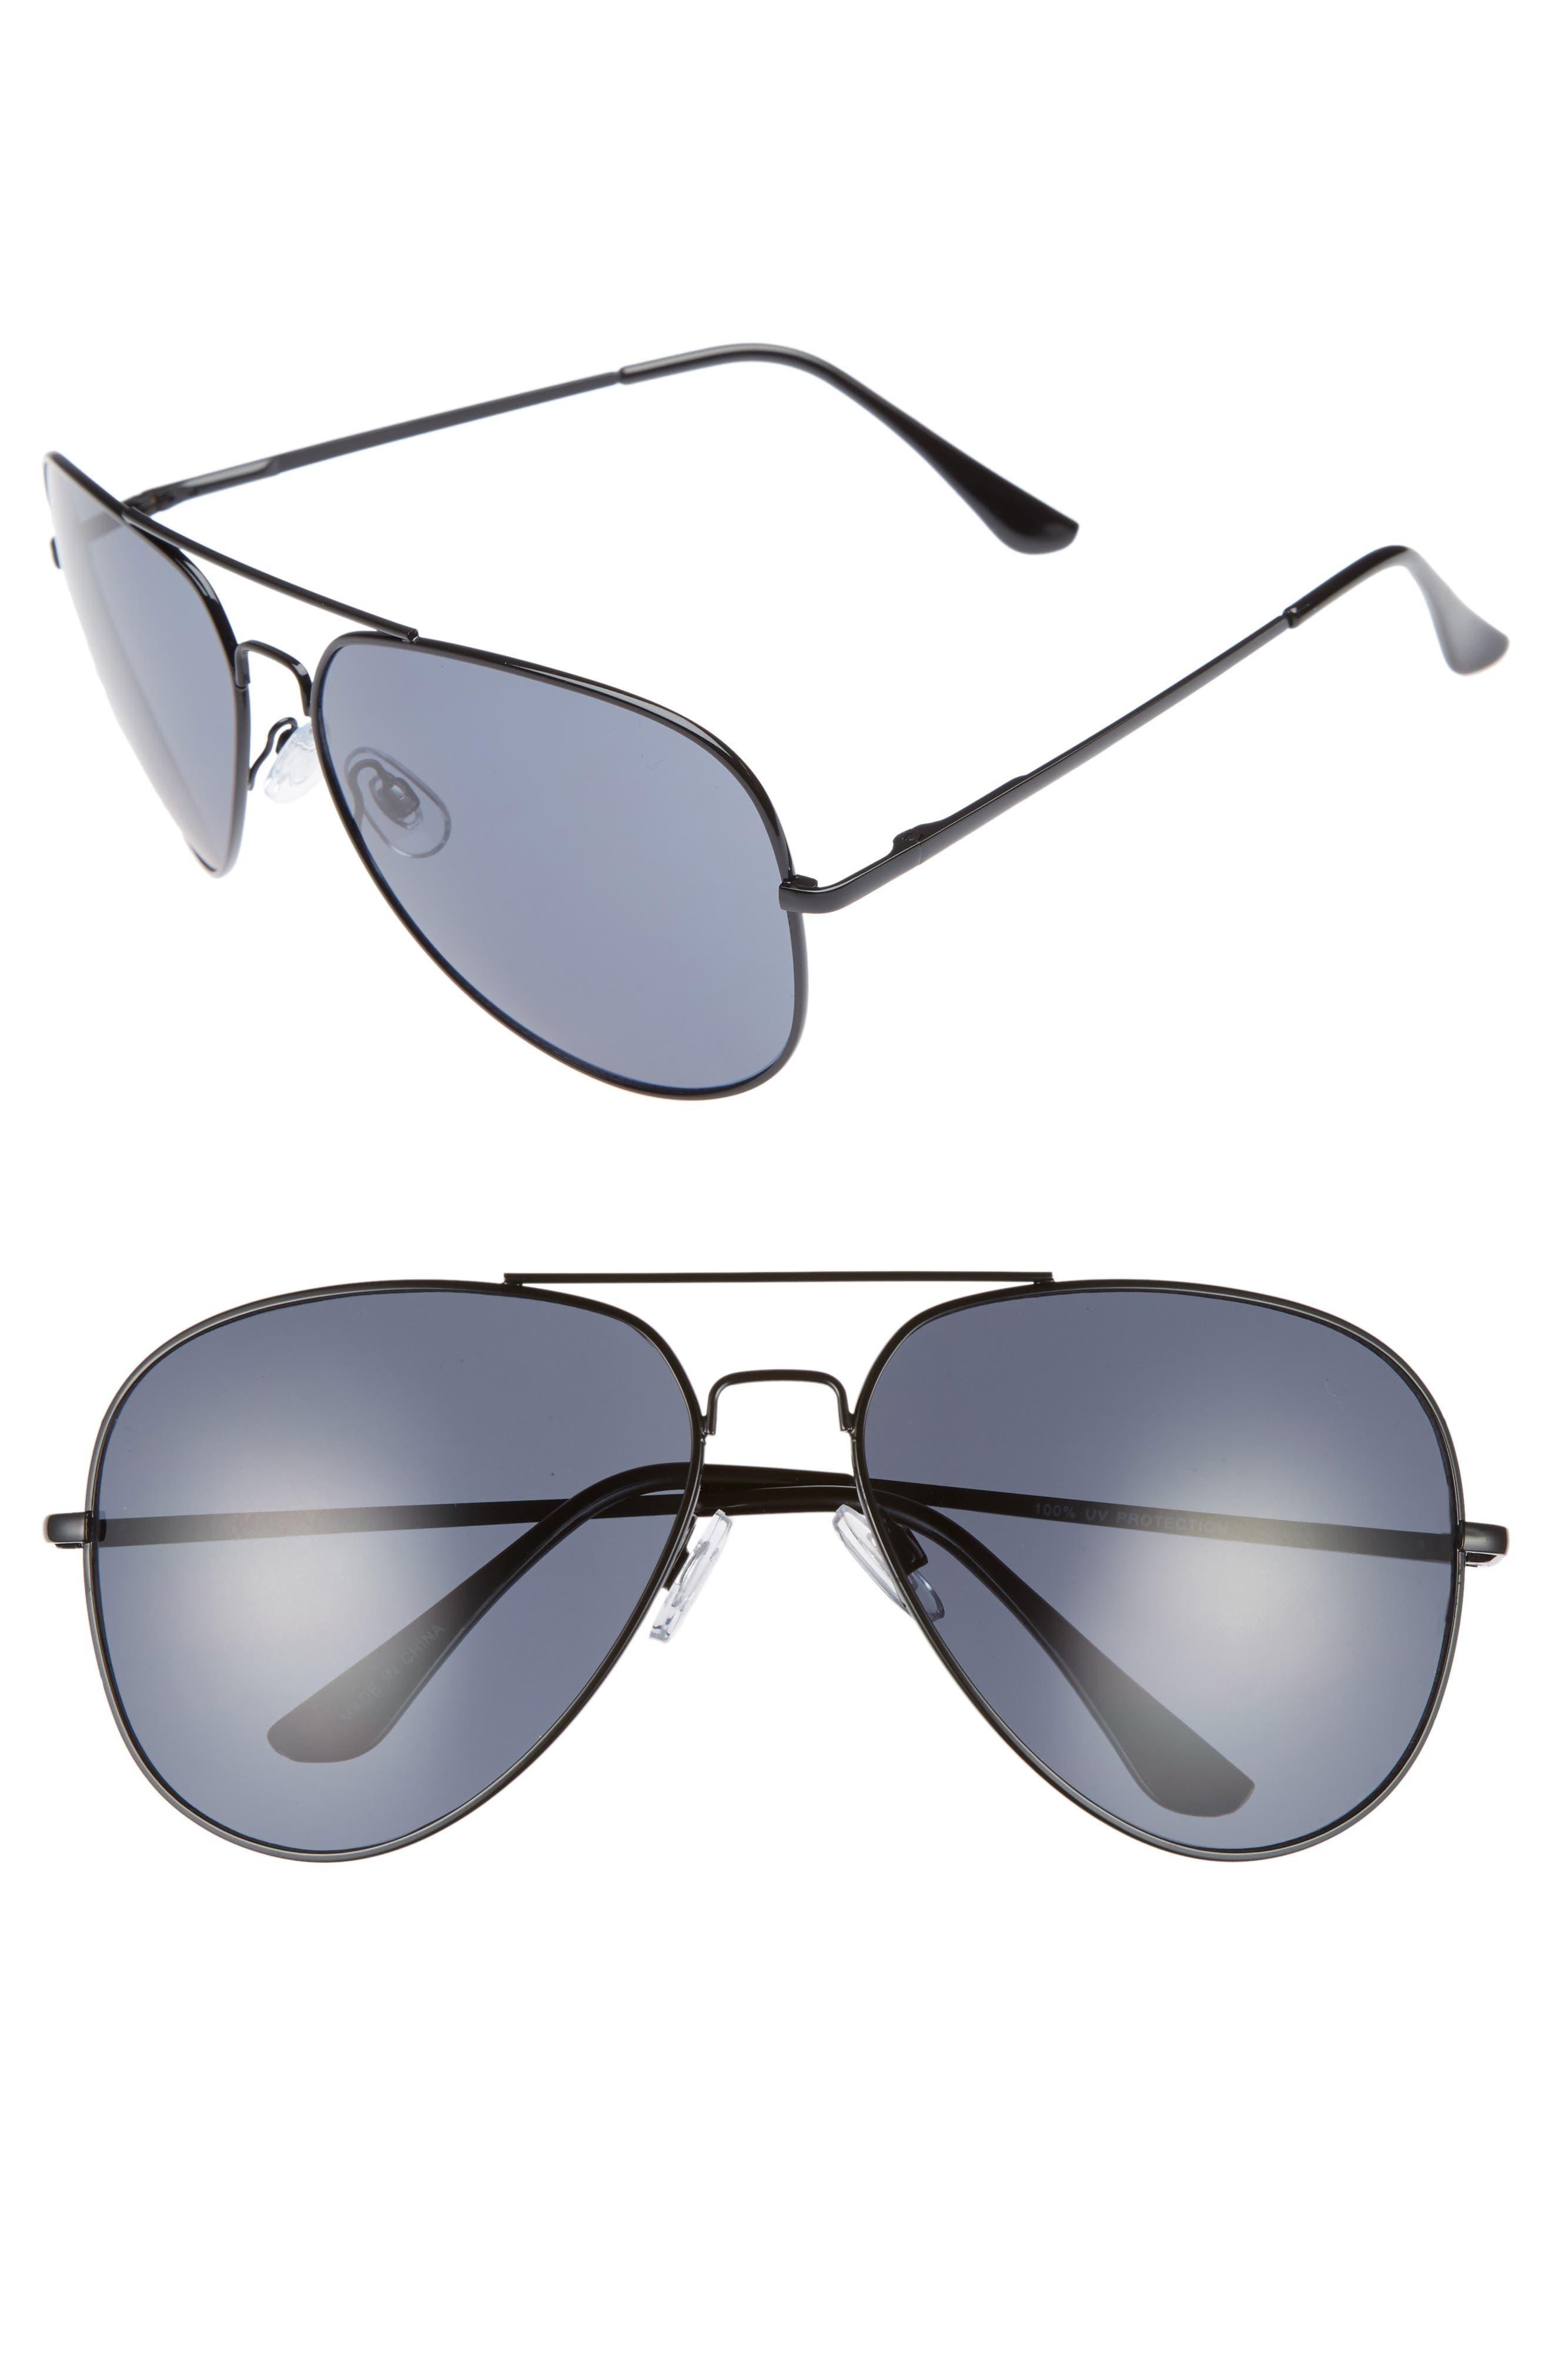 60mm Large Aviator Sunglasses,                             Main thumbnail 1, color,                             Black/ Black